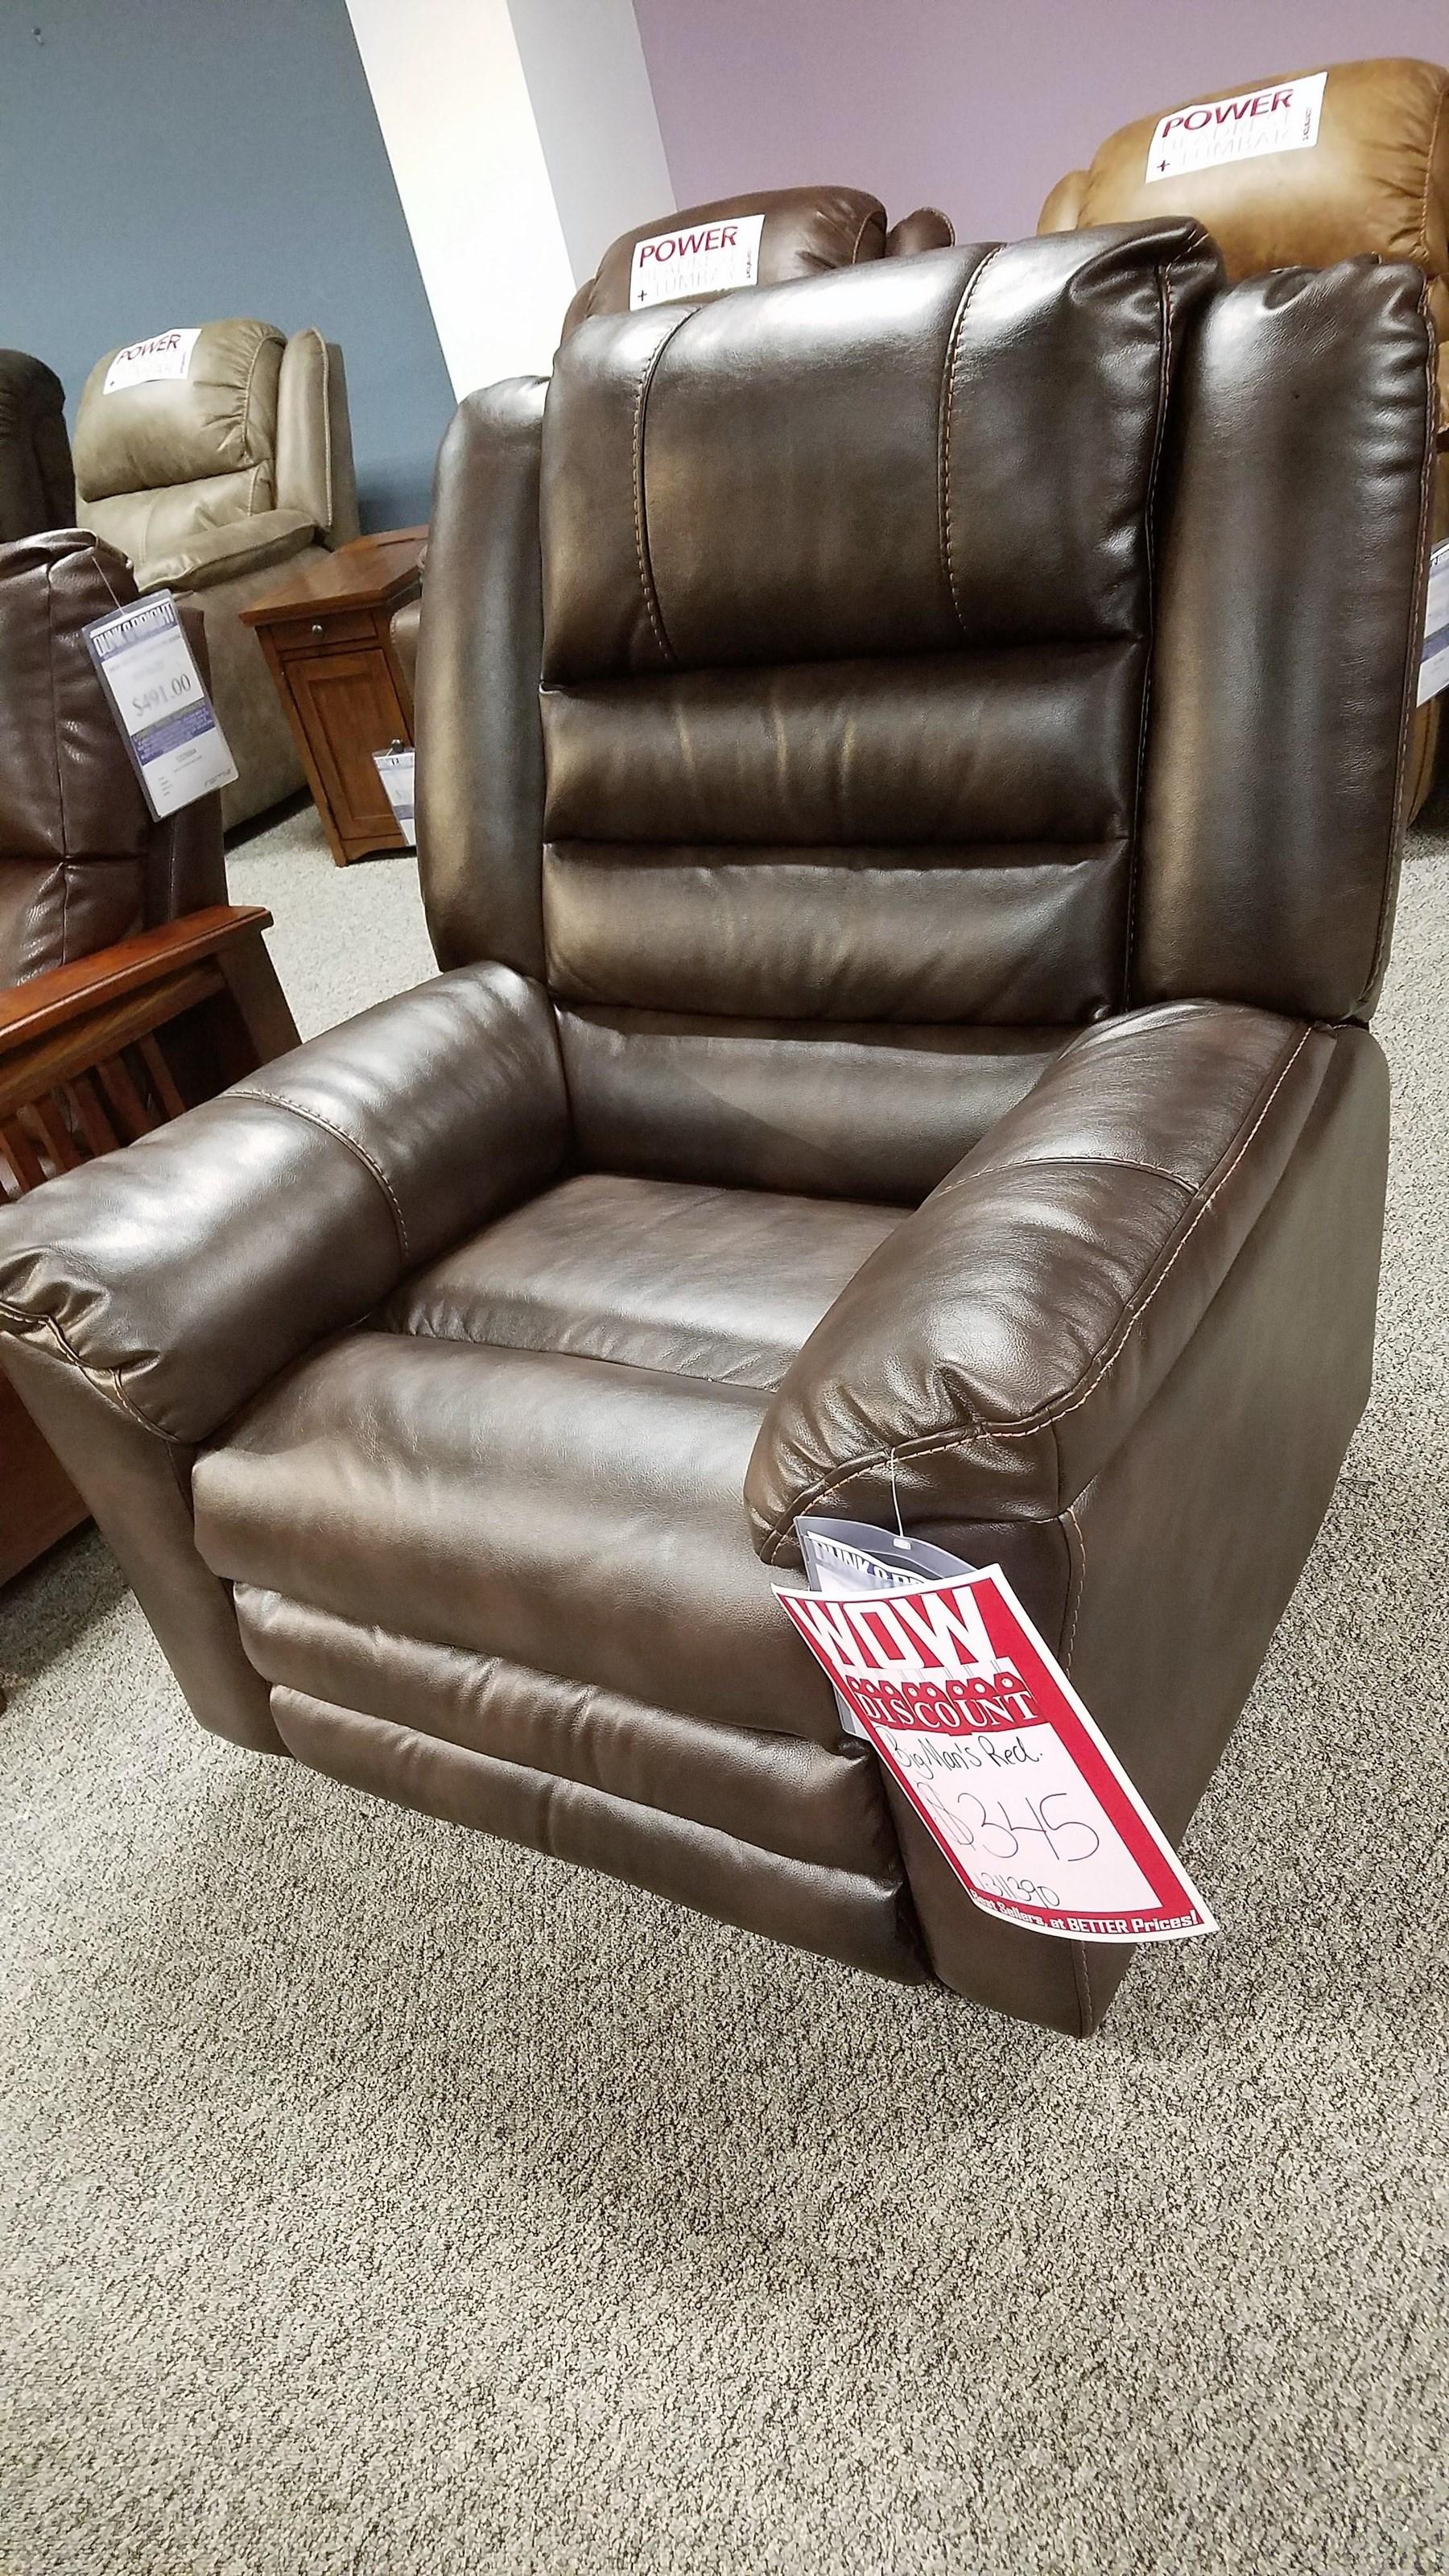 Cheers Sofa Recliners Big Man s Recliner Dunk & Bright Furniture